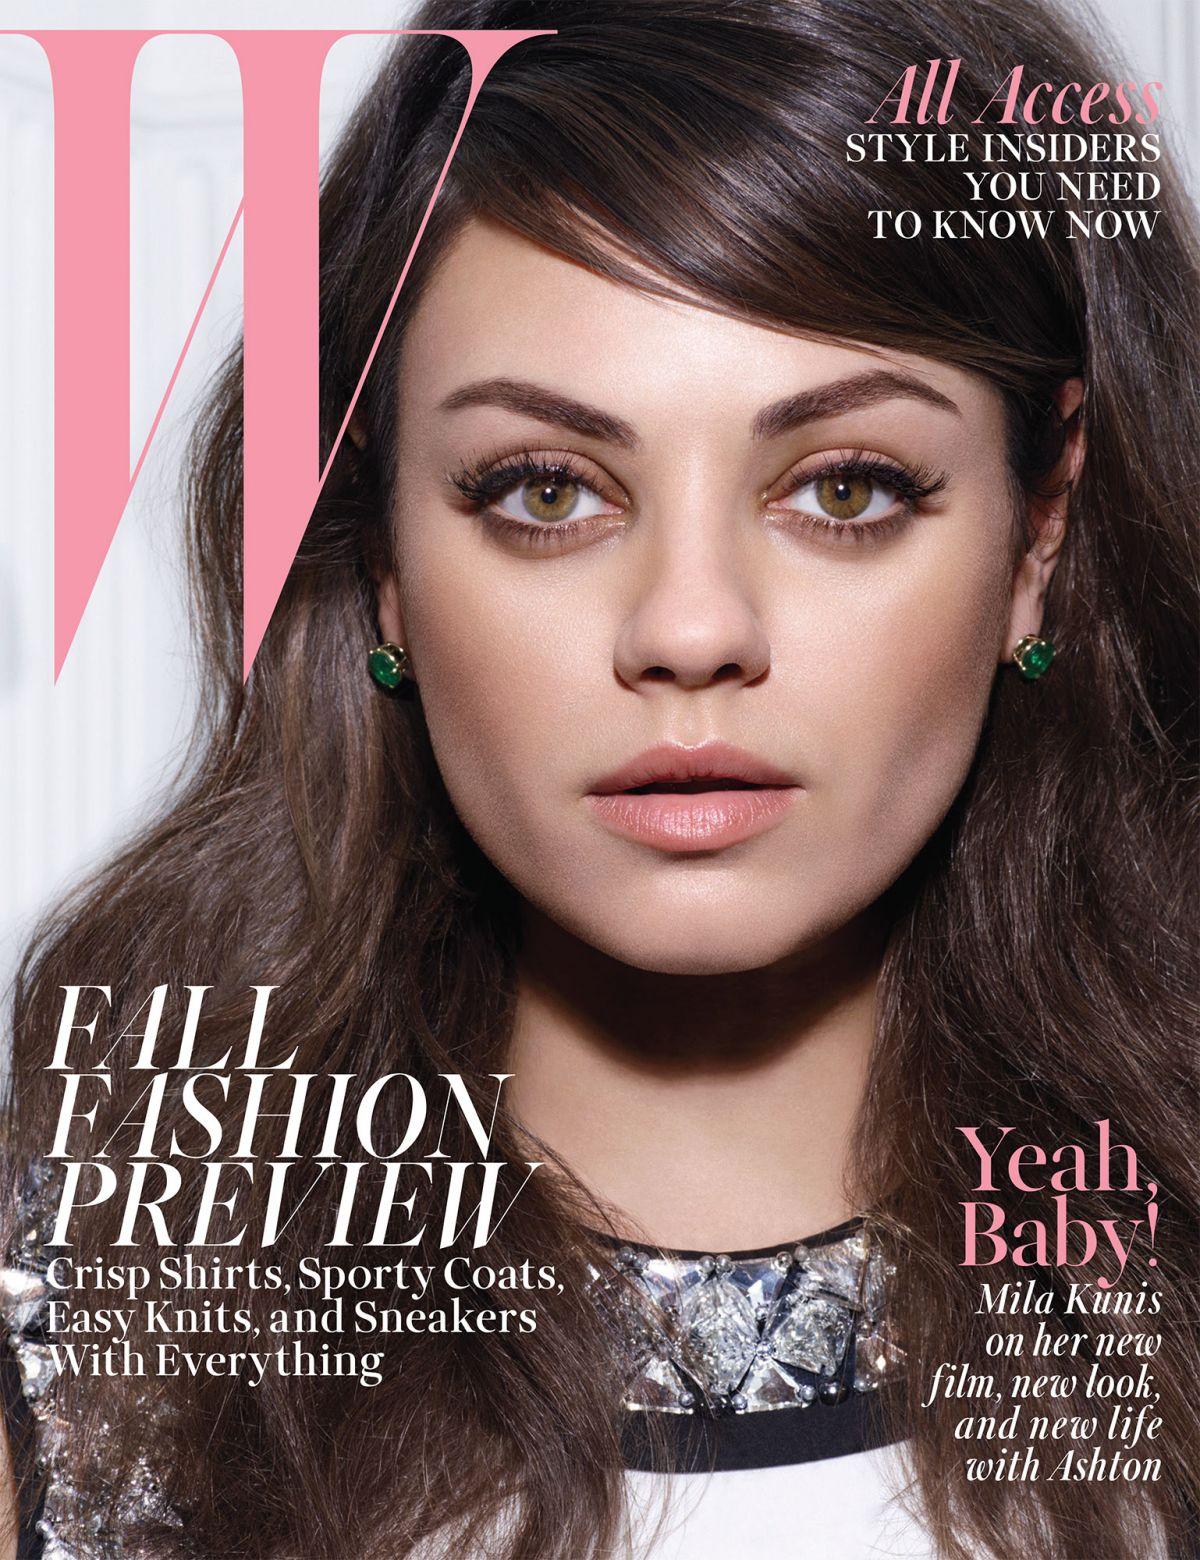 MILA KUNIS in W Magazine, August 2014 Issue